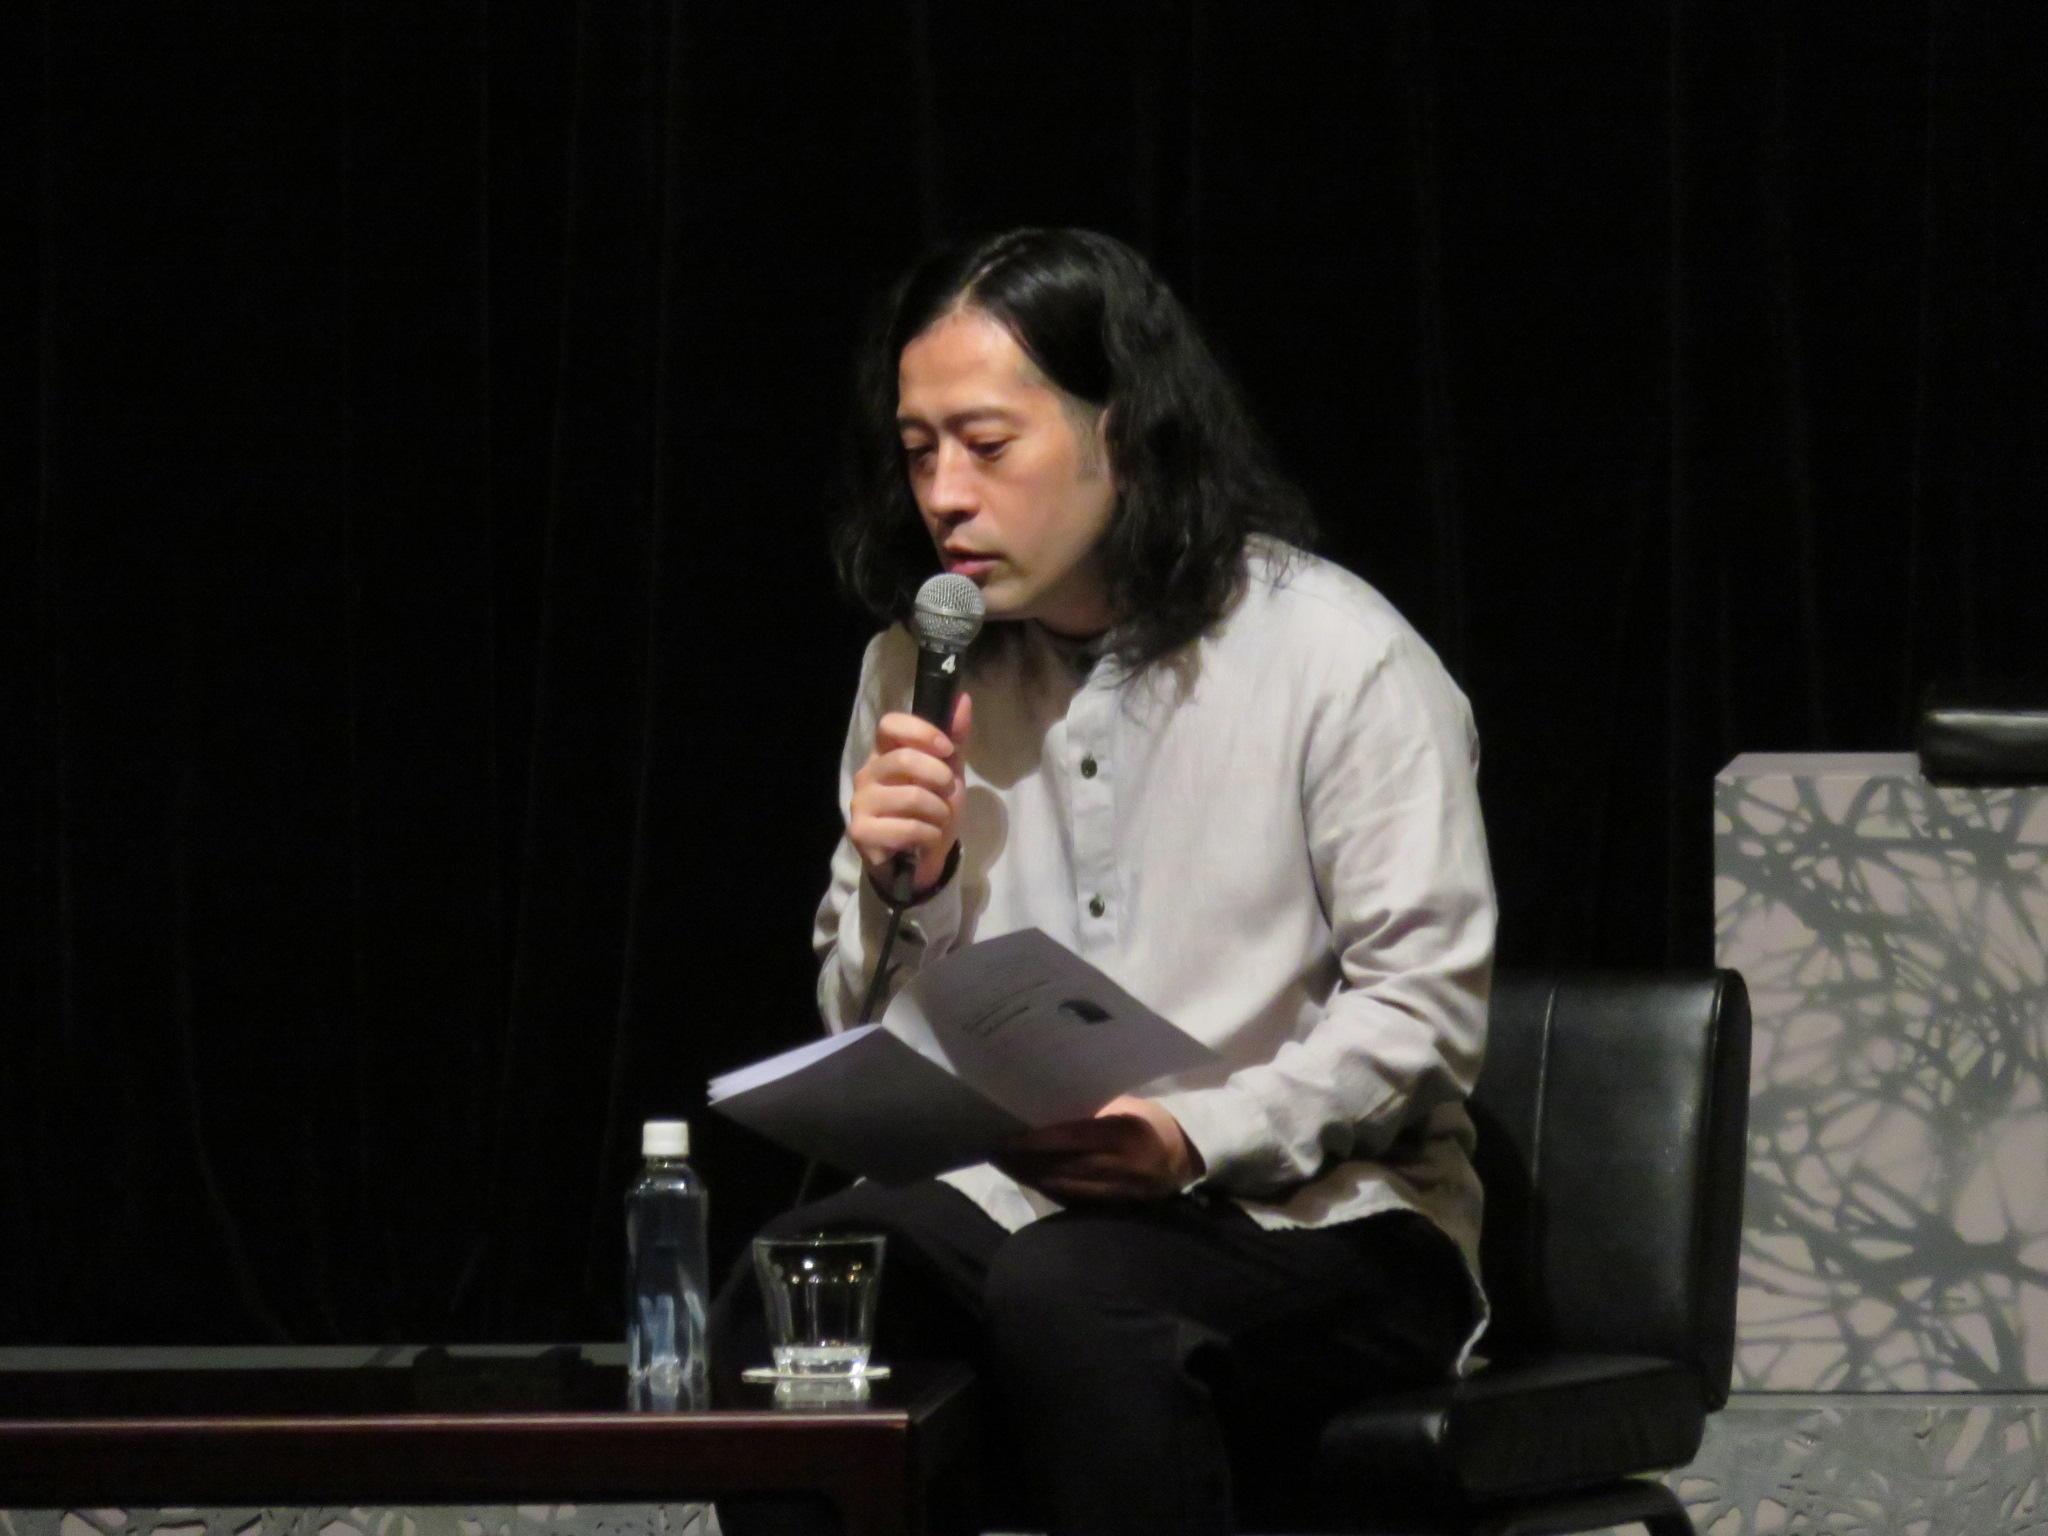 http://news.yoshimoto.co.jp/20180409184116-eebaae93216efcedad1a08eee76947b05c1323de.jpg